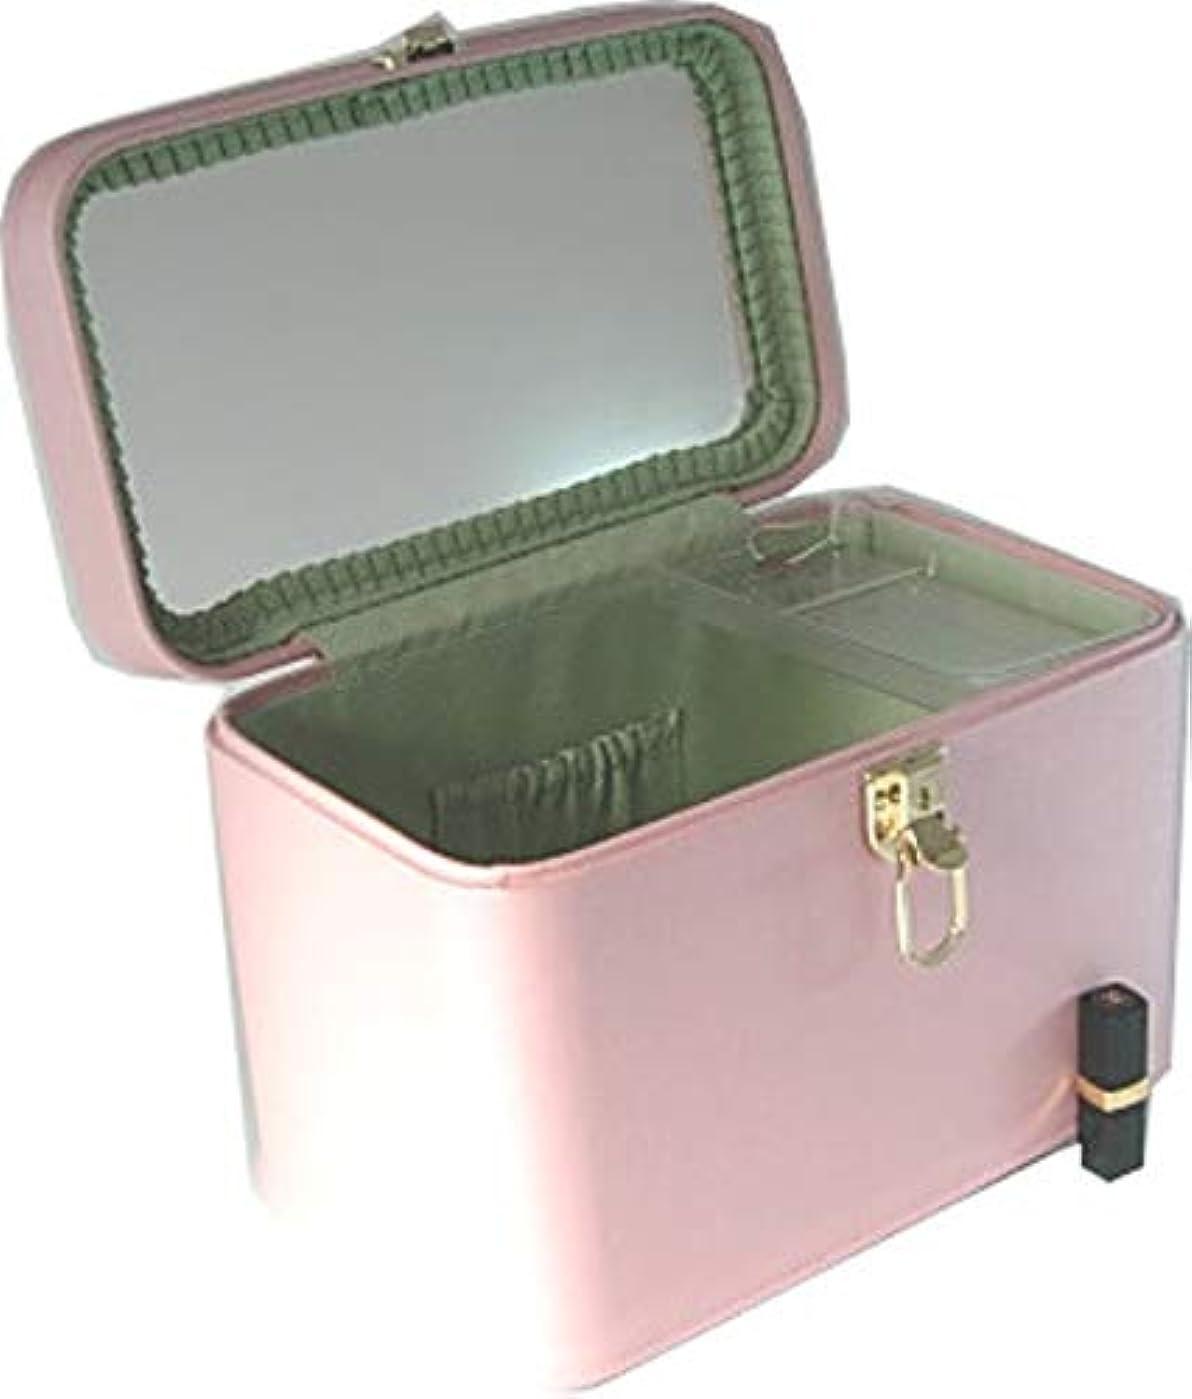 順番振り向く呼吸するトリプルG2 33cmヨコ パールピンク 日本製 メイクボックス,コスメボックス,メイクアップボックス,トレンチケース,お化粧入れ,化粧雑貨,メーキャップボックス,化粧箱,かわいい,メイク道具箱,メイク雑貨,化粧ボックス